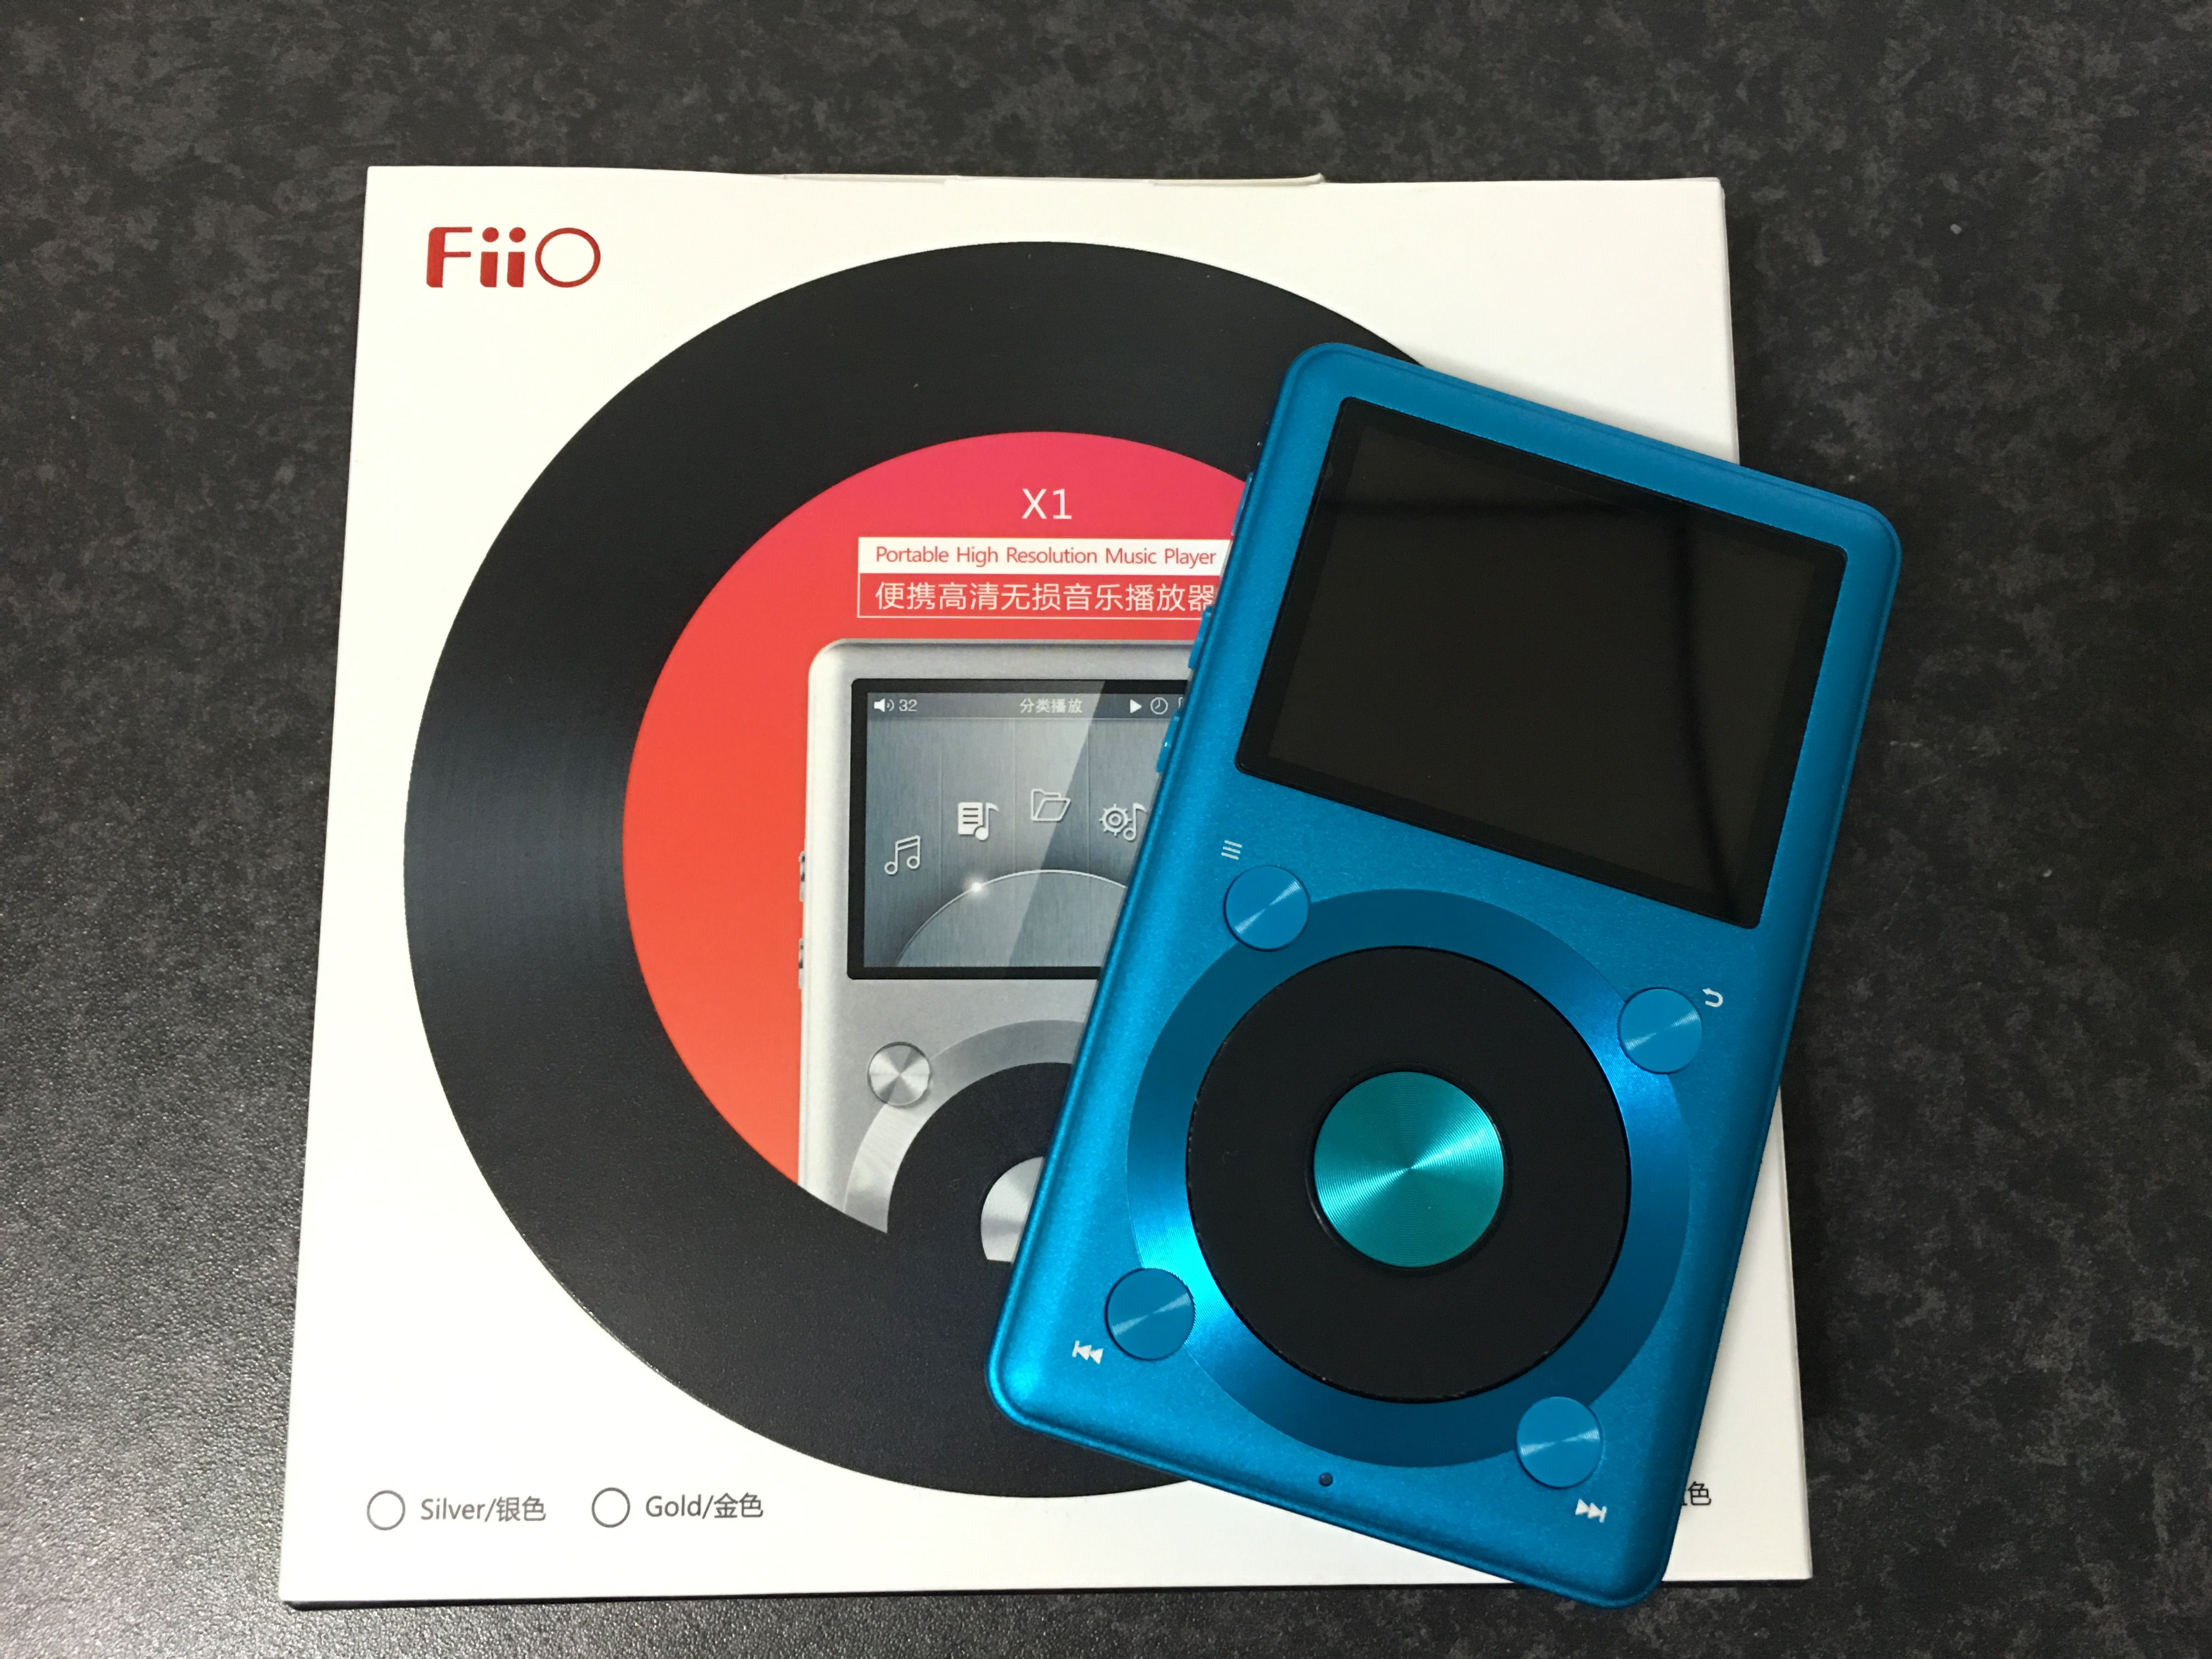 ハイレゾ対応ミュージックプレーヤーFiiO X1のブルーを購入。取り敢えず開封。